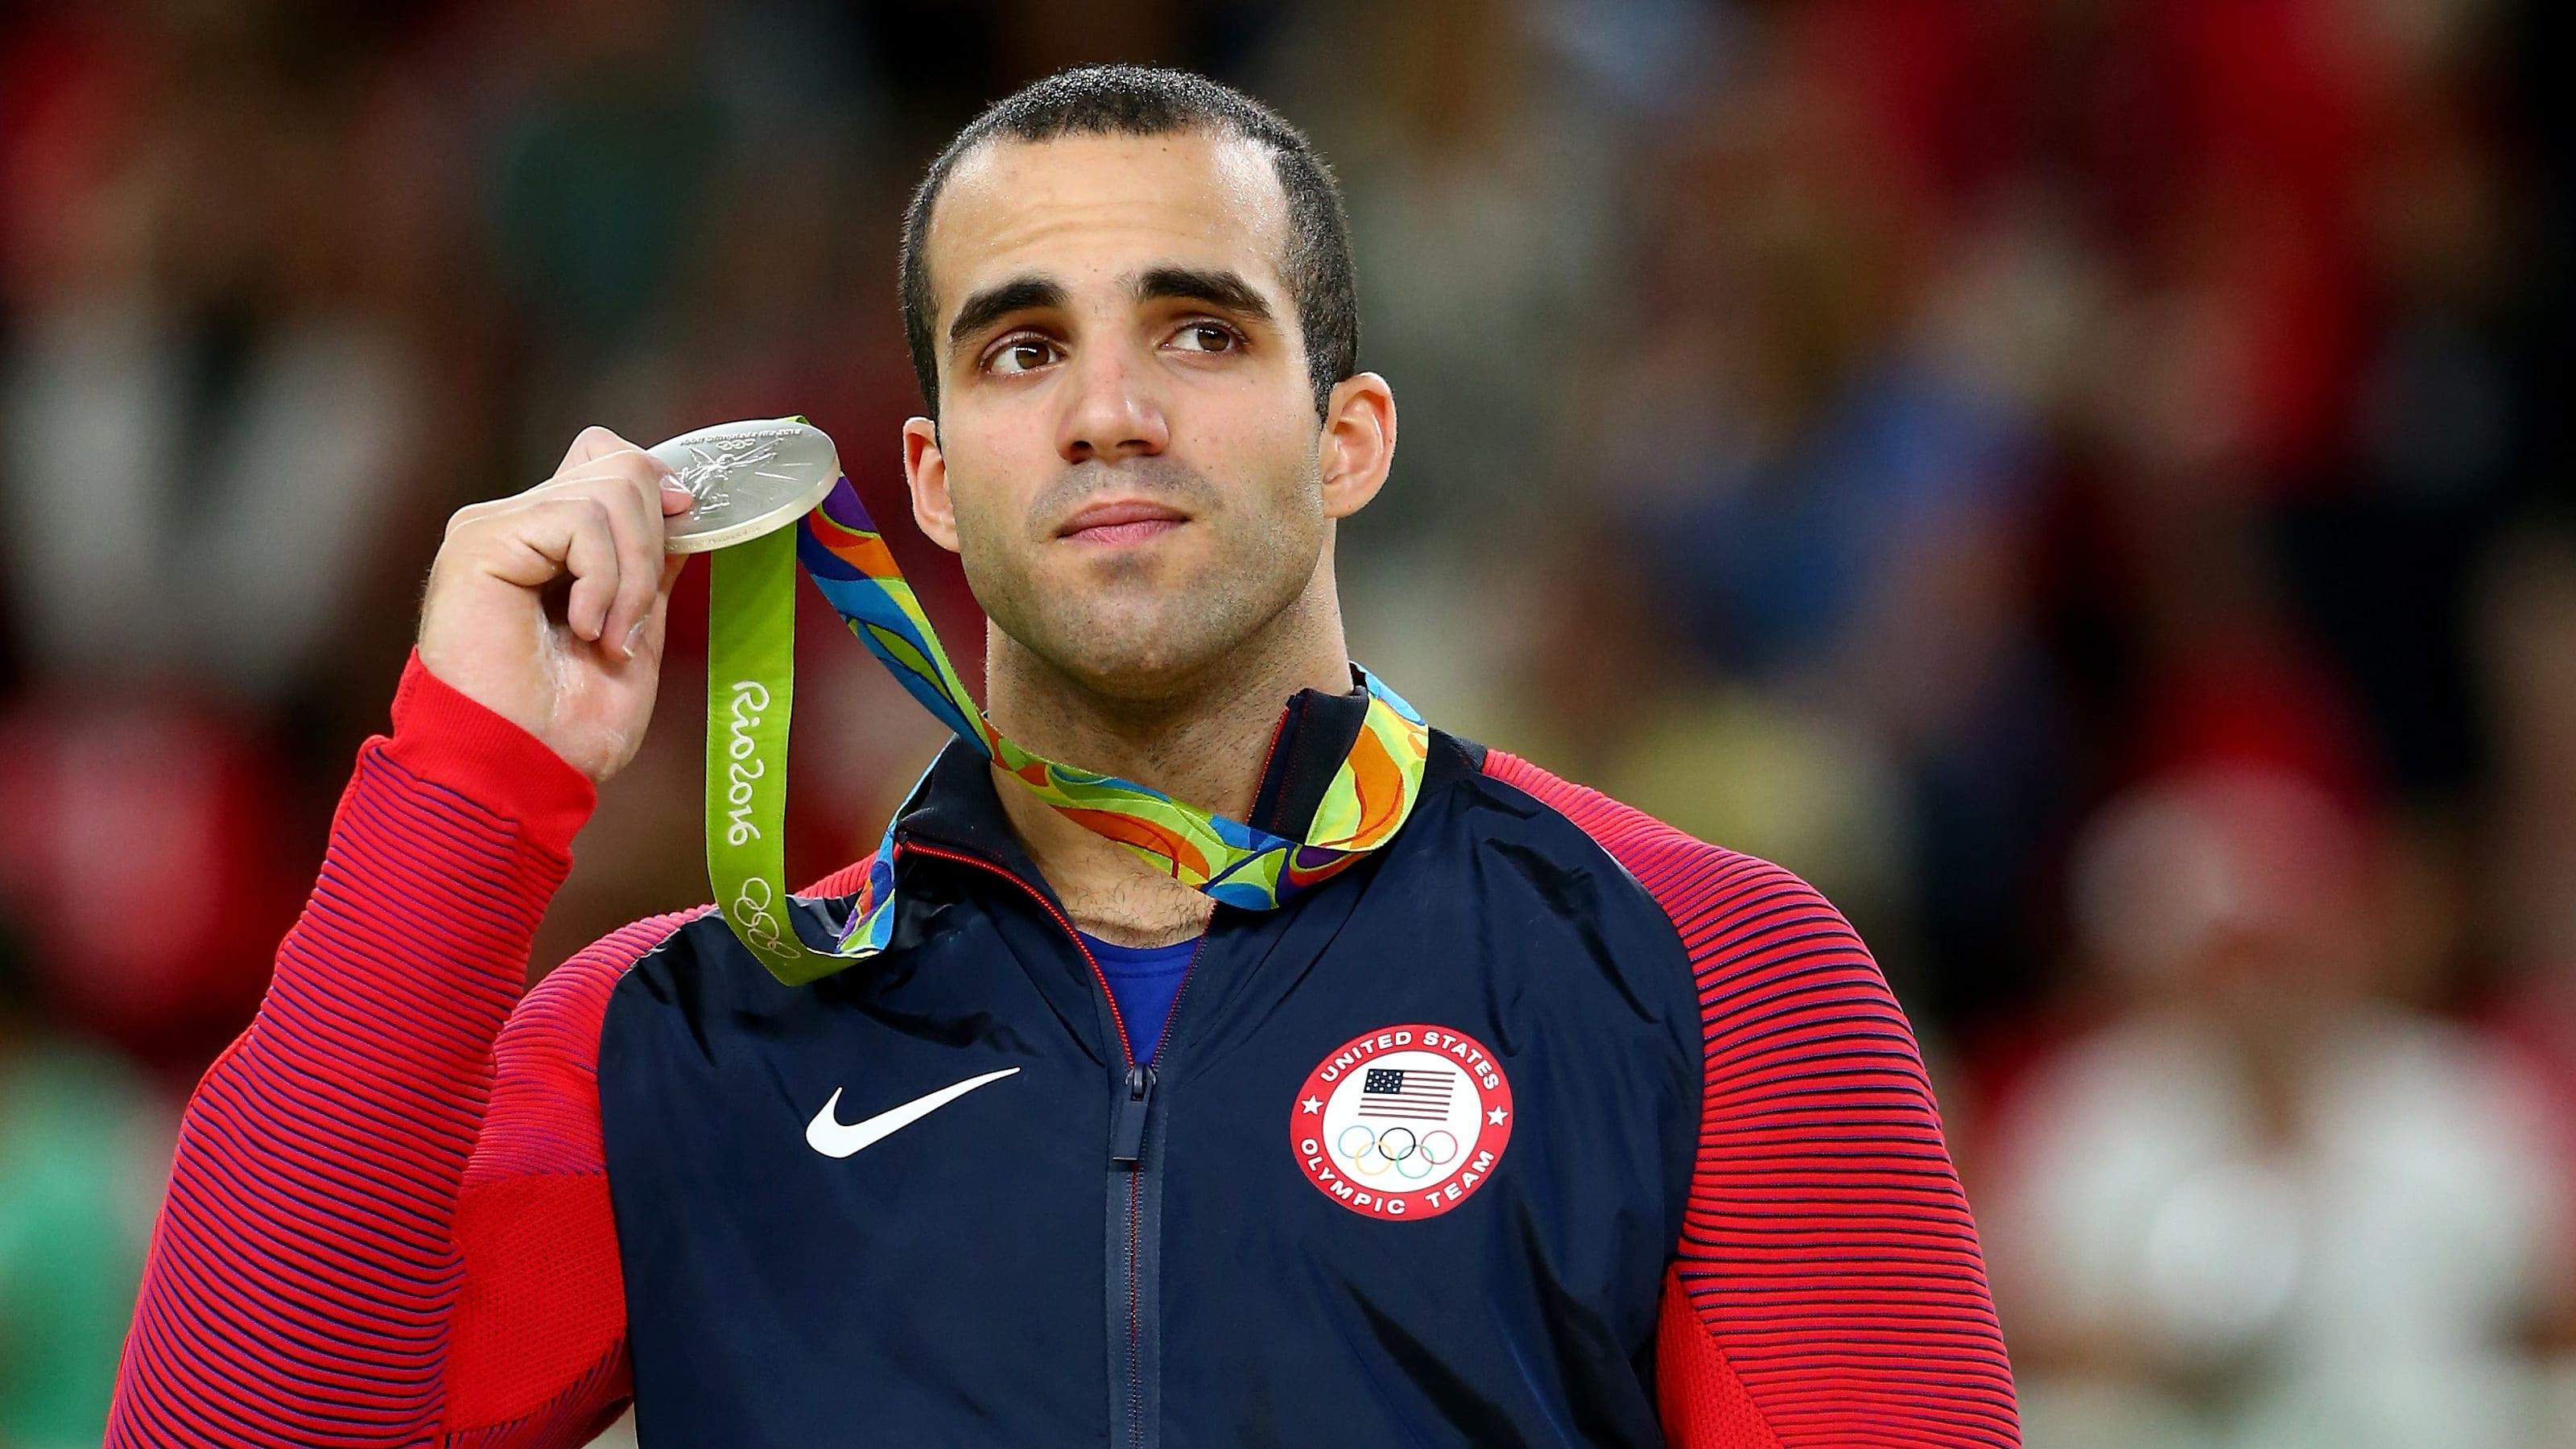 Danell Leyva ganhando medalha de prata nas Olimpíadas Rio 2016. (Foto: Reprodução / Olympic Channel)